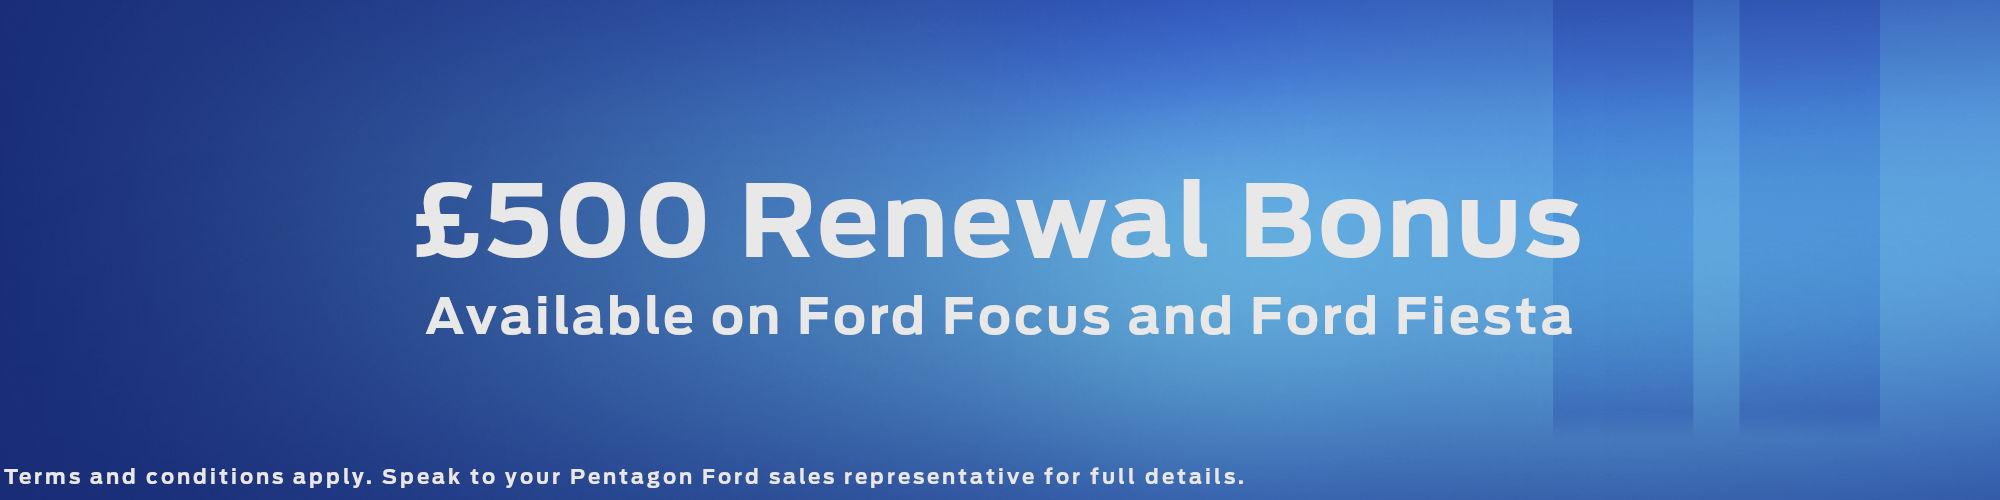 Ford Renewal Bonus